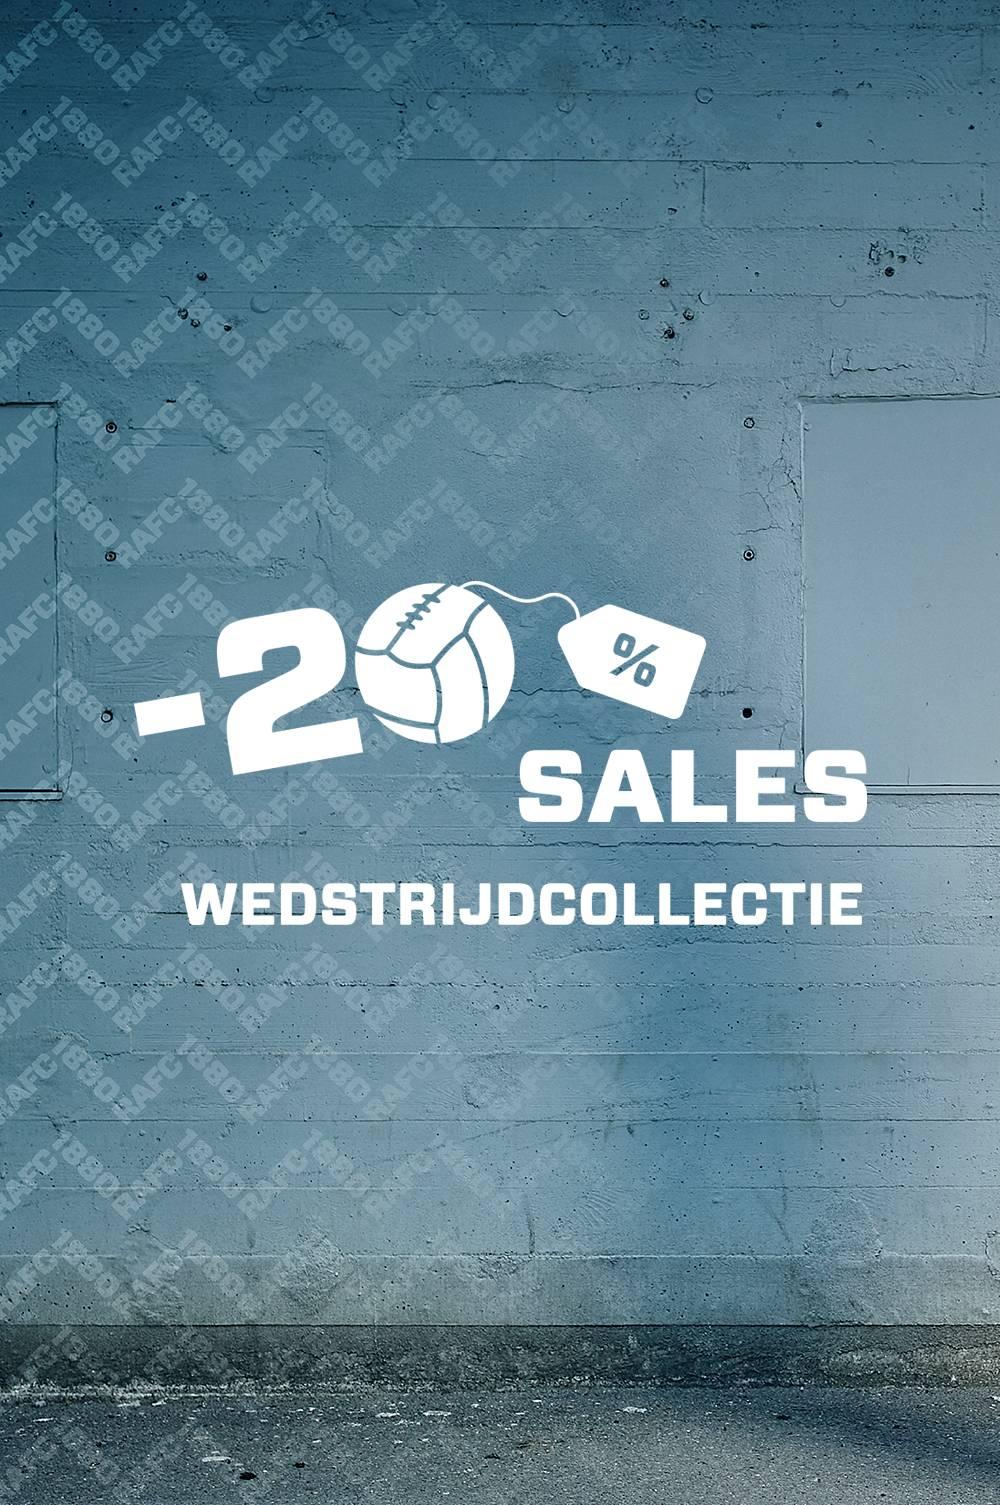 Wedstrijdcollectie seizoen 2019-20-1